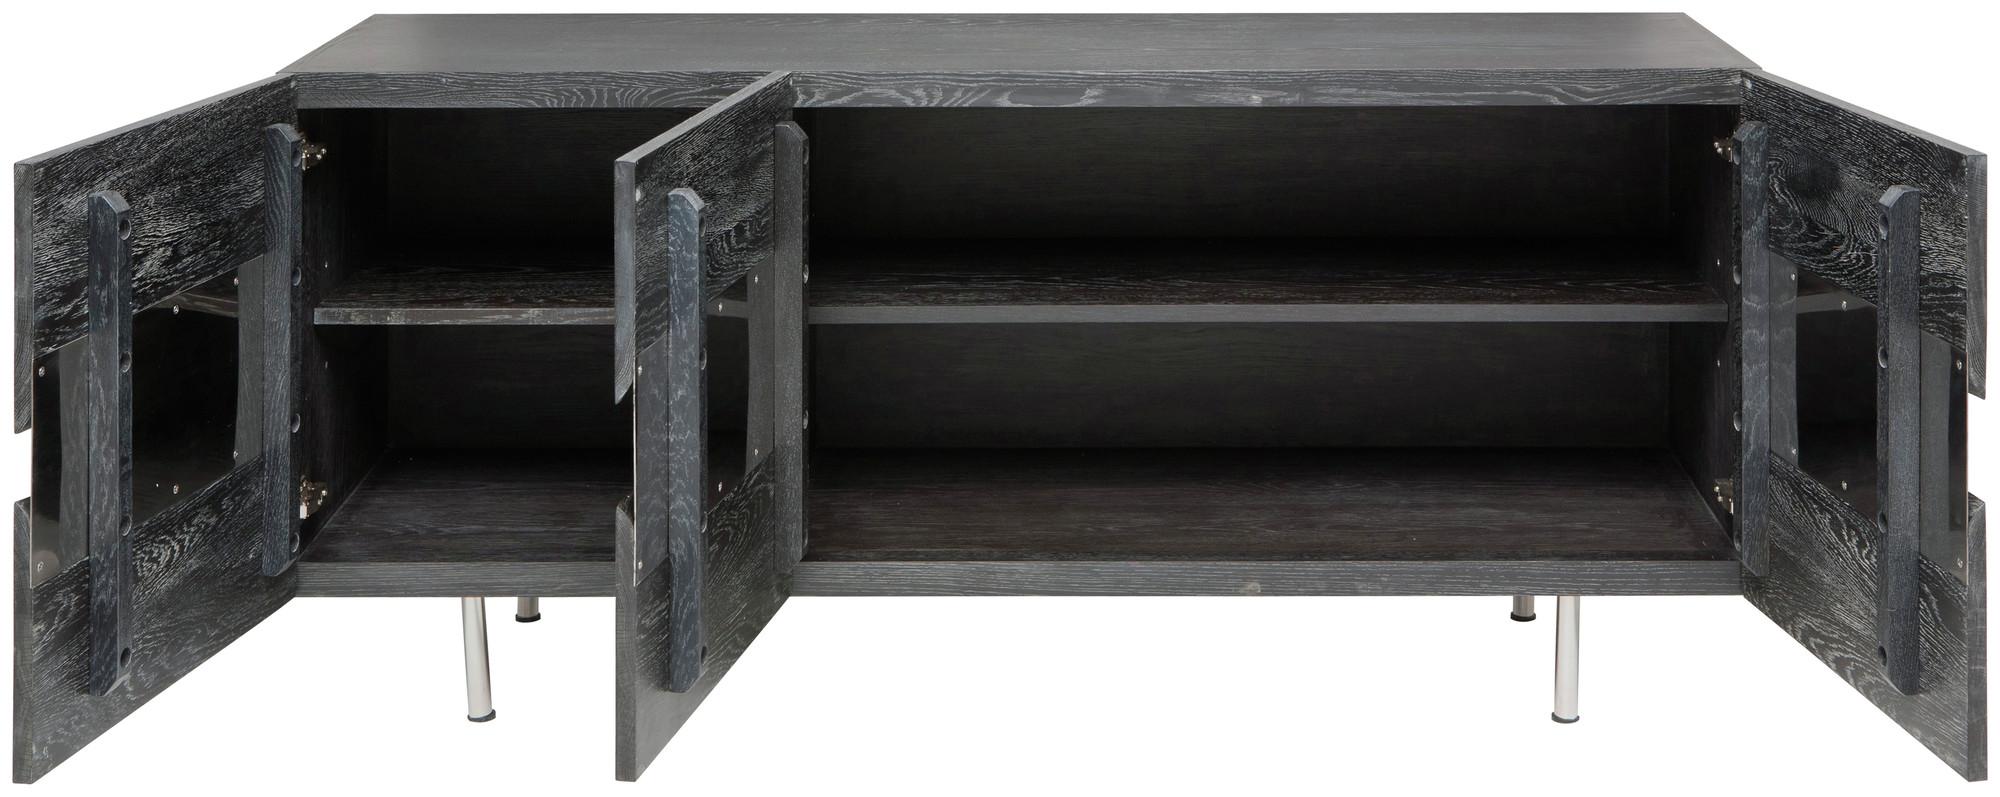 sorrento-buffet-hgsr301-gray.jpg